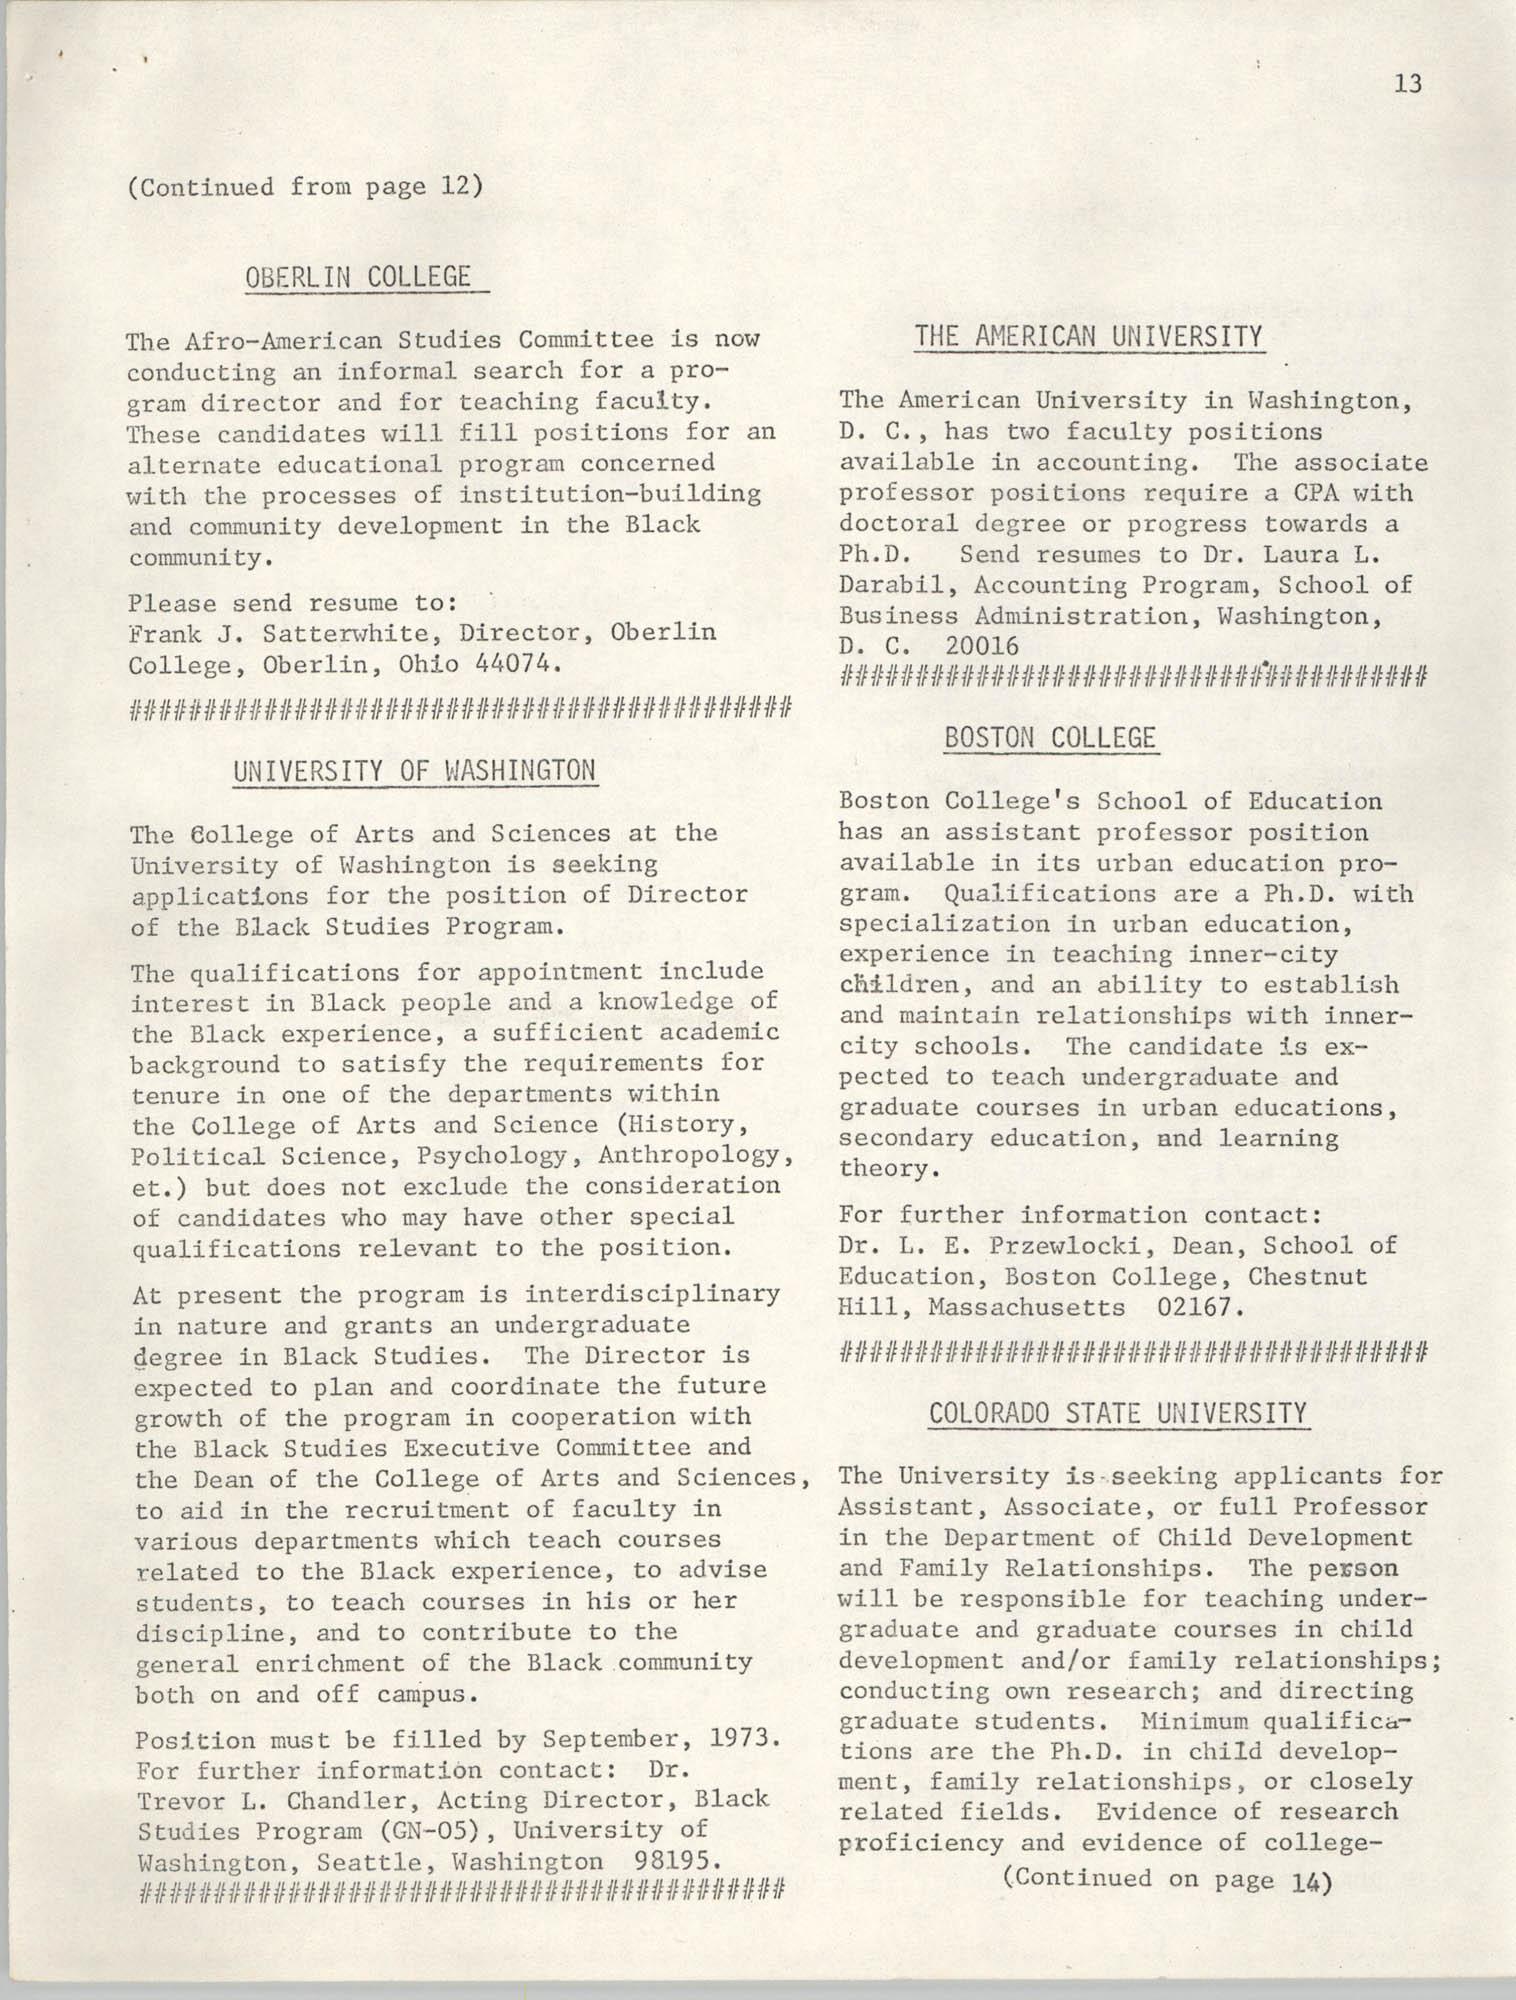 SHARE, Volume I, Number 8, April 1973, Page 13